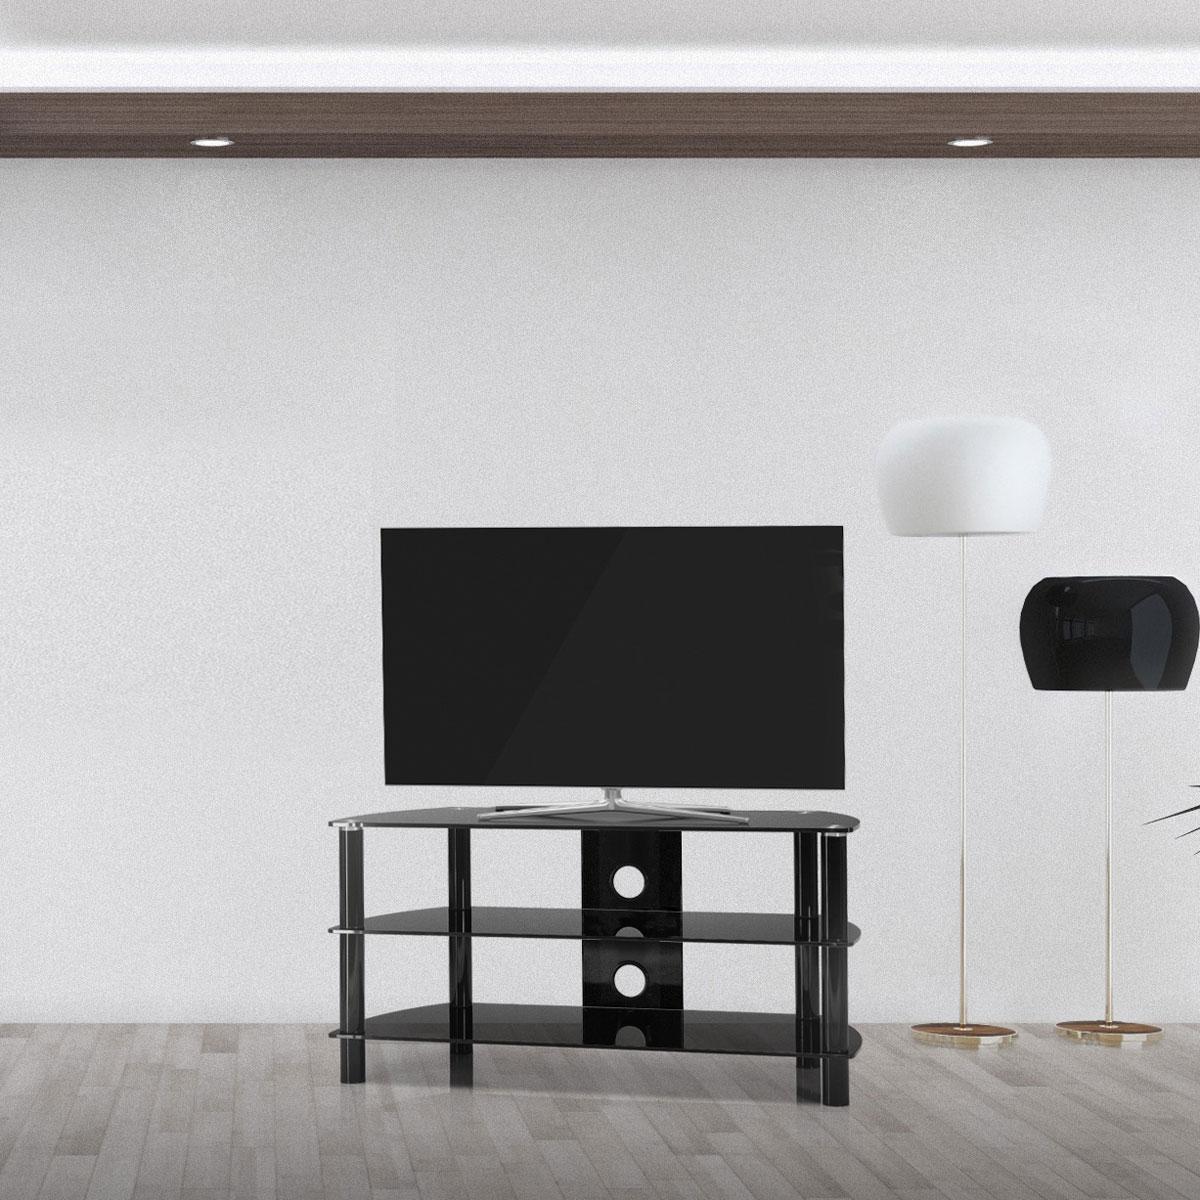 Ein Hifi TV Board. 3 Ablagefächer aus Glas und Kabelmanagement. Tragesäulen aus Aluminium. Modell JRC 1051 von Just Racks.